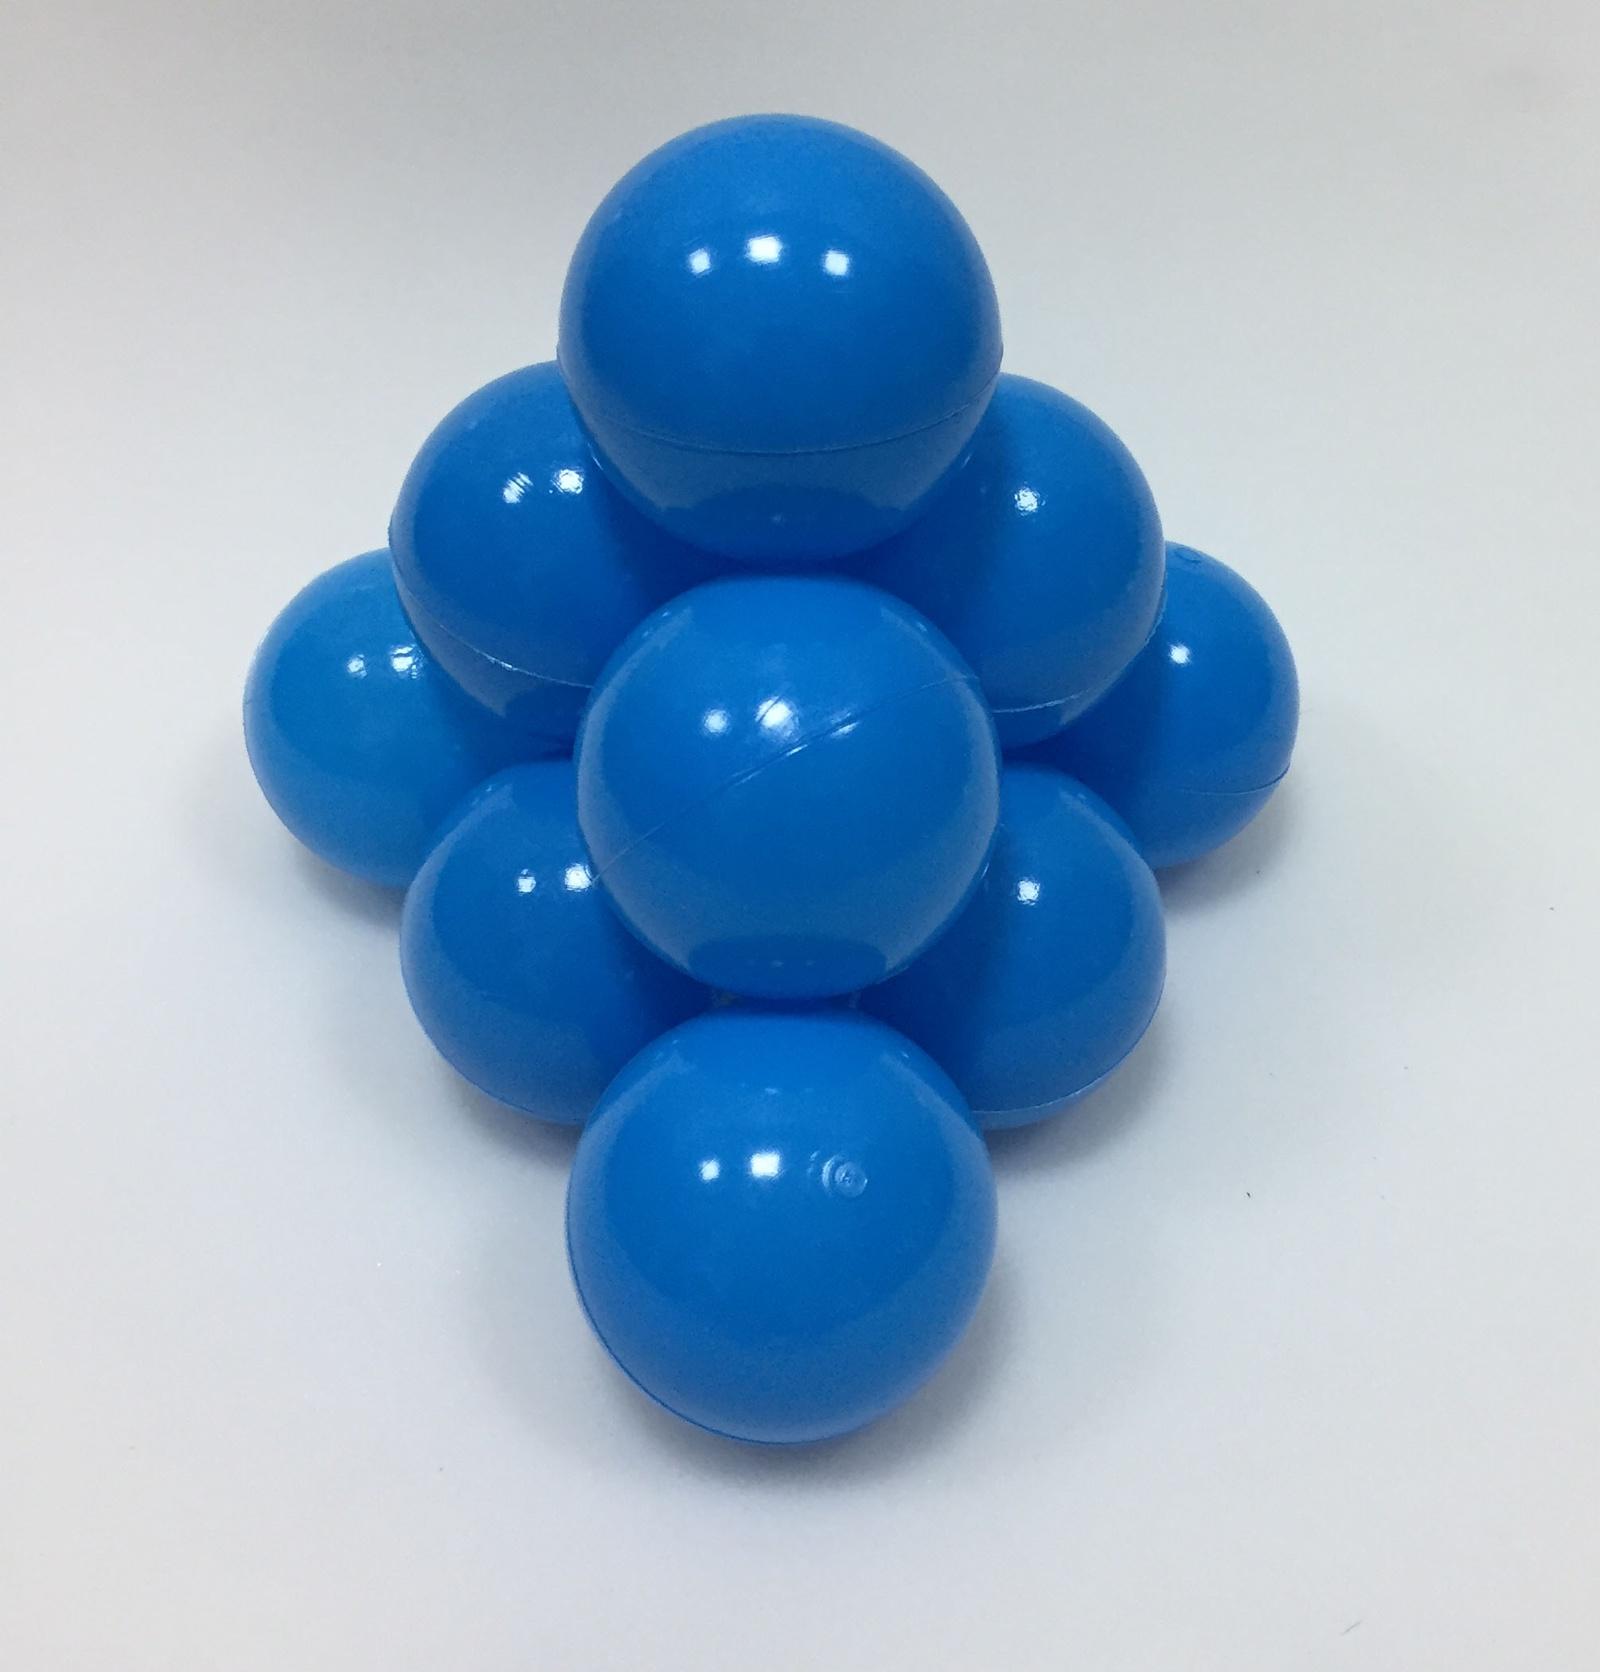 Фото - Набор шариков для игрового бассейна Hotenok, цвет: голубой, диаметр 7 см, 50 шт набор шаров шишки цвет золотой 7 см 3 шт